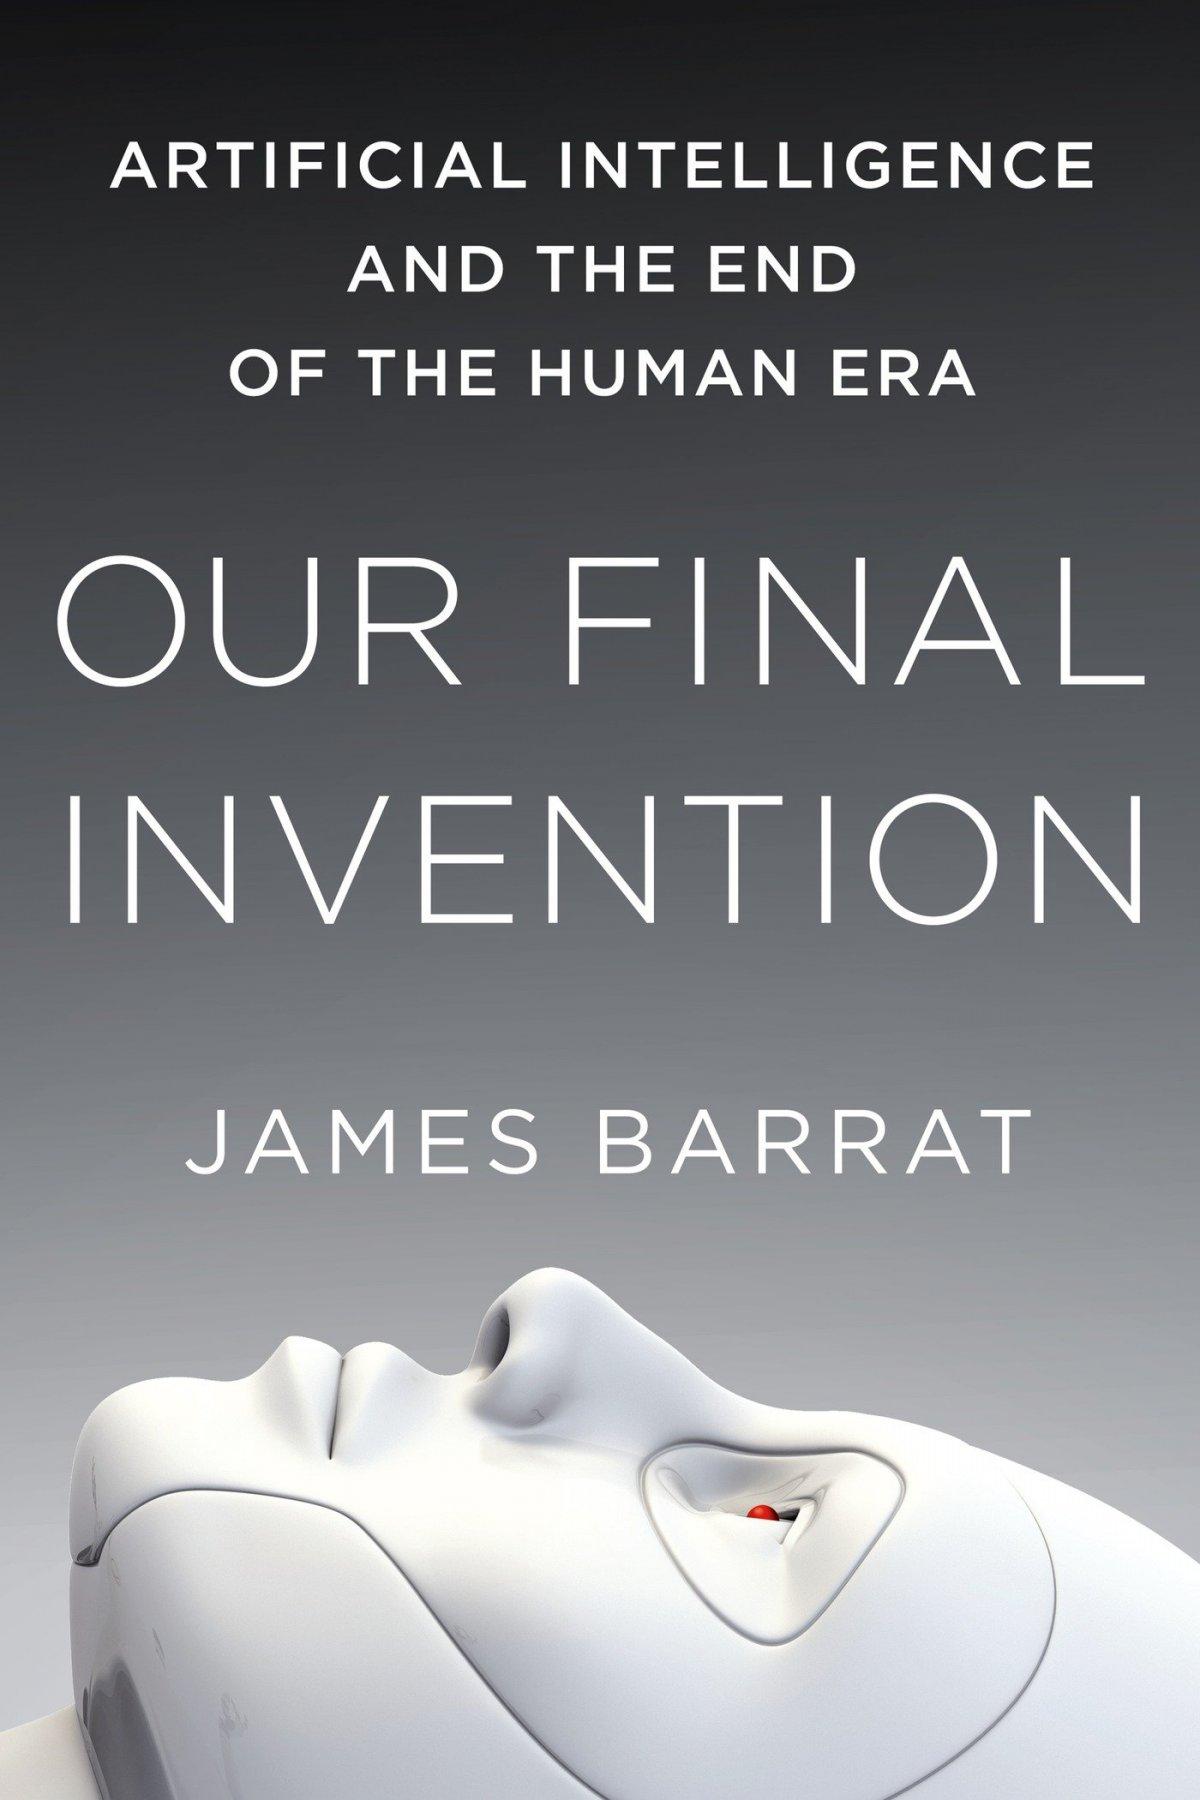 """کتاب """"Our Final Invention"""" (اختراع نهایی ما) اثر James Barrat"""